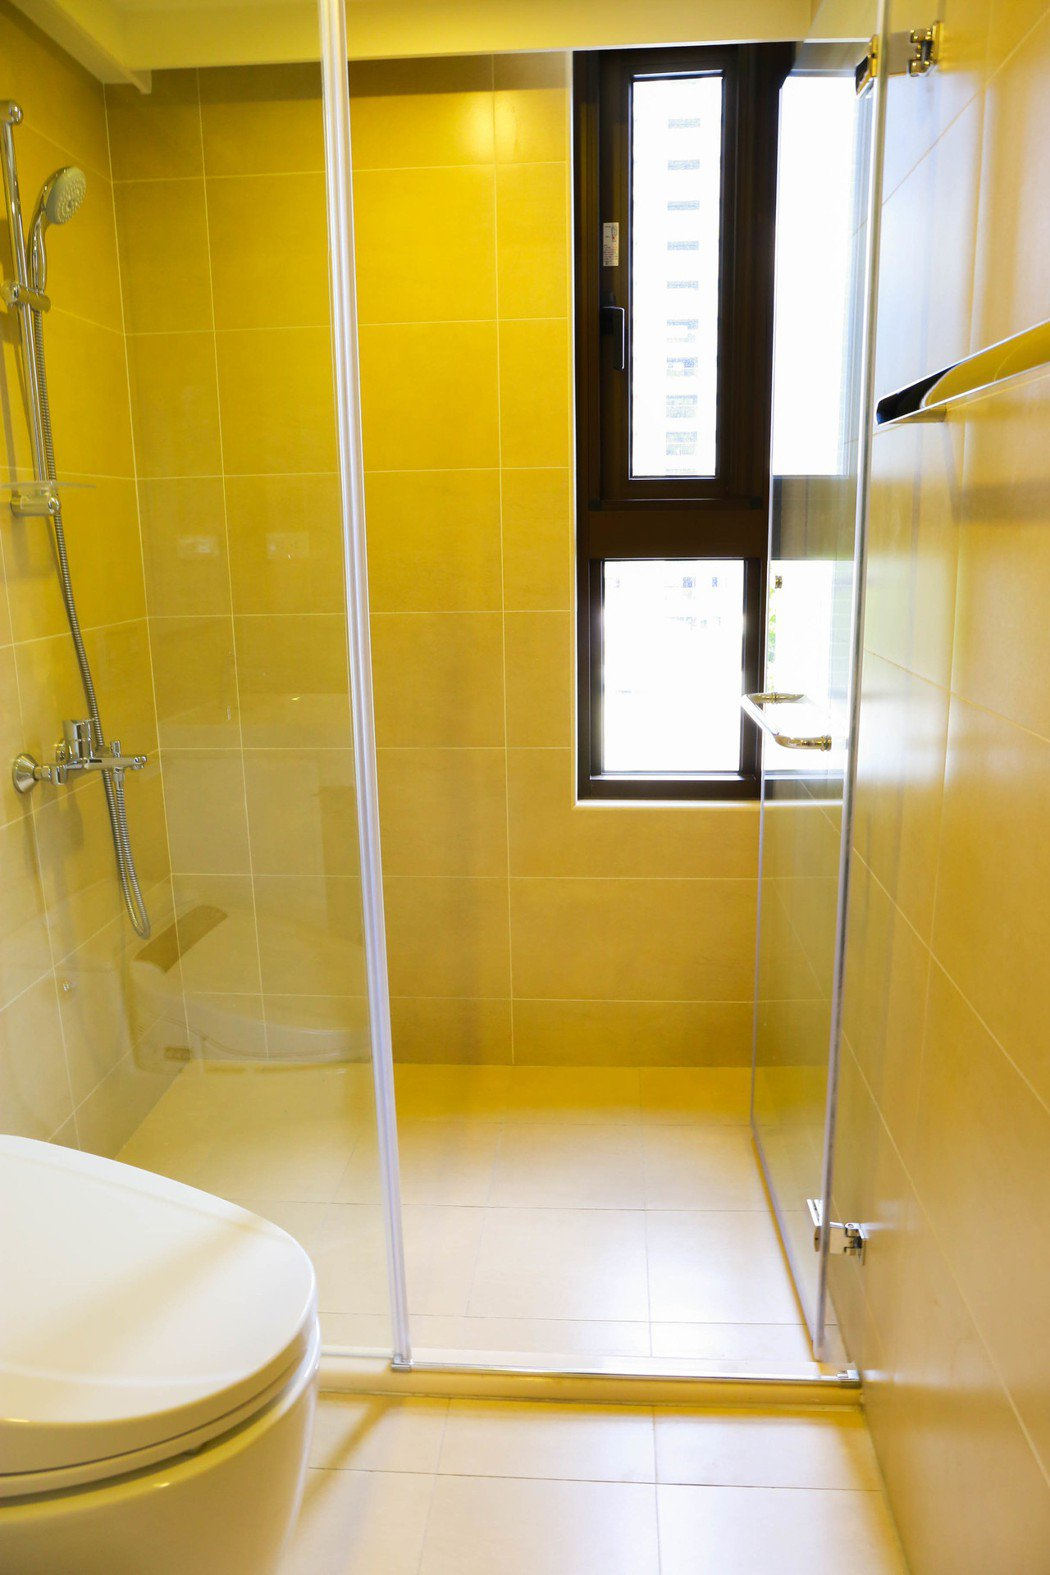 看到沒,2房的衛浴開這麼大的窗。 張世雅/攝影